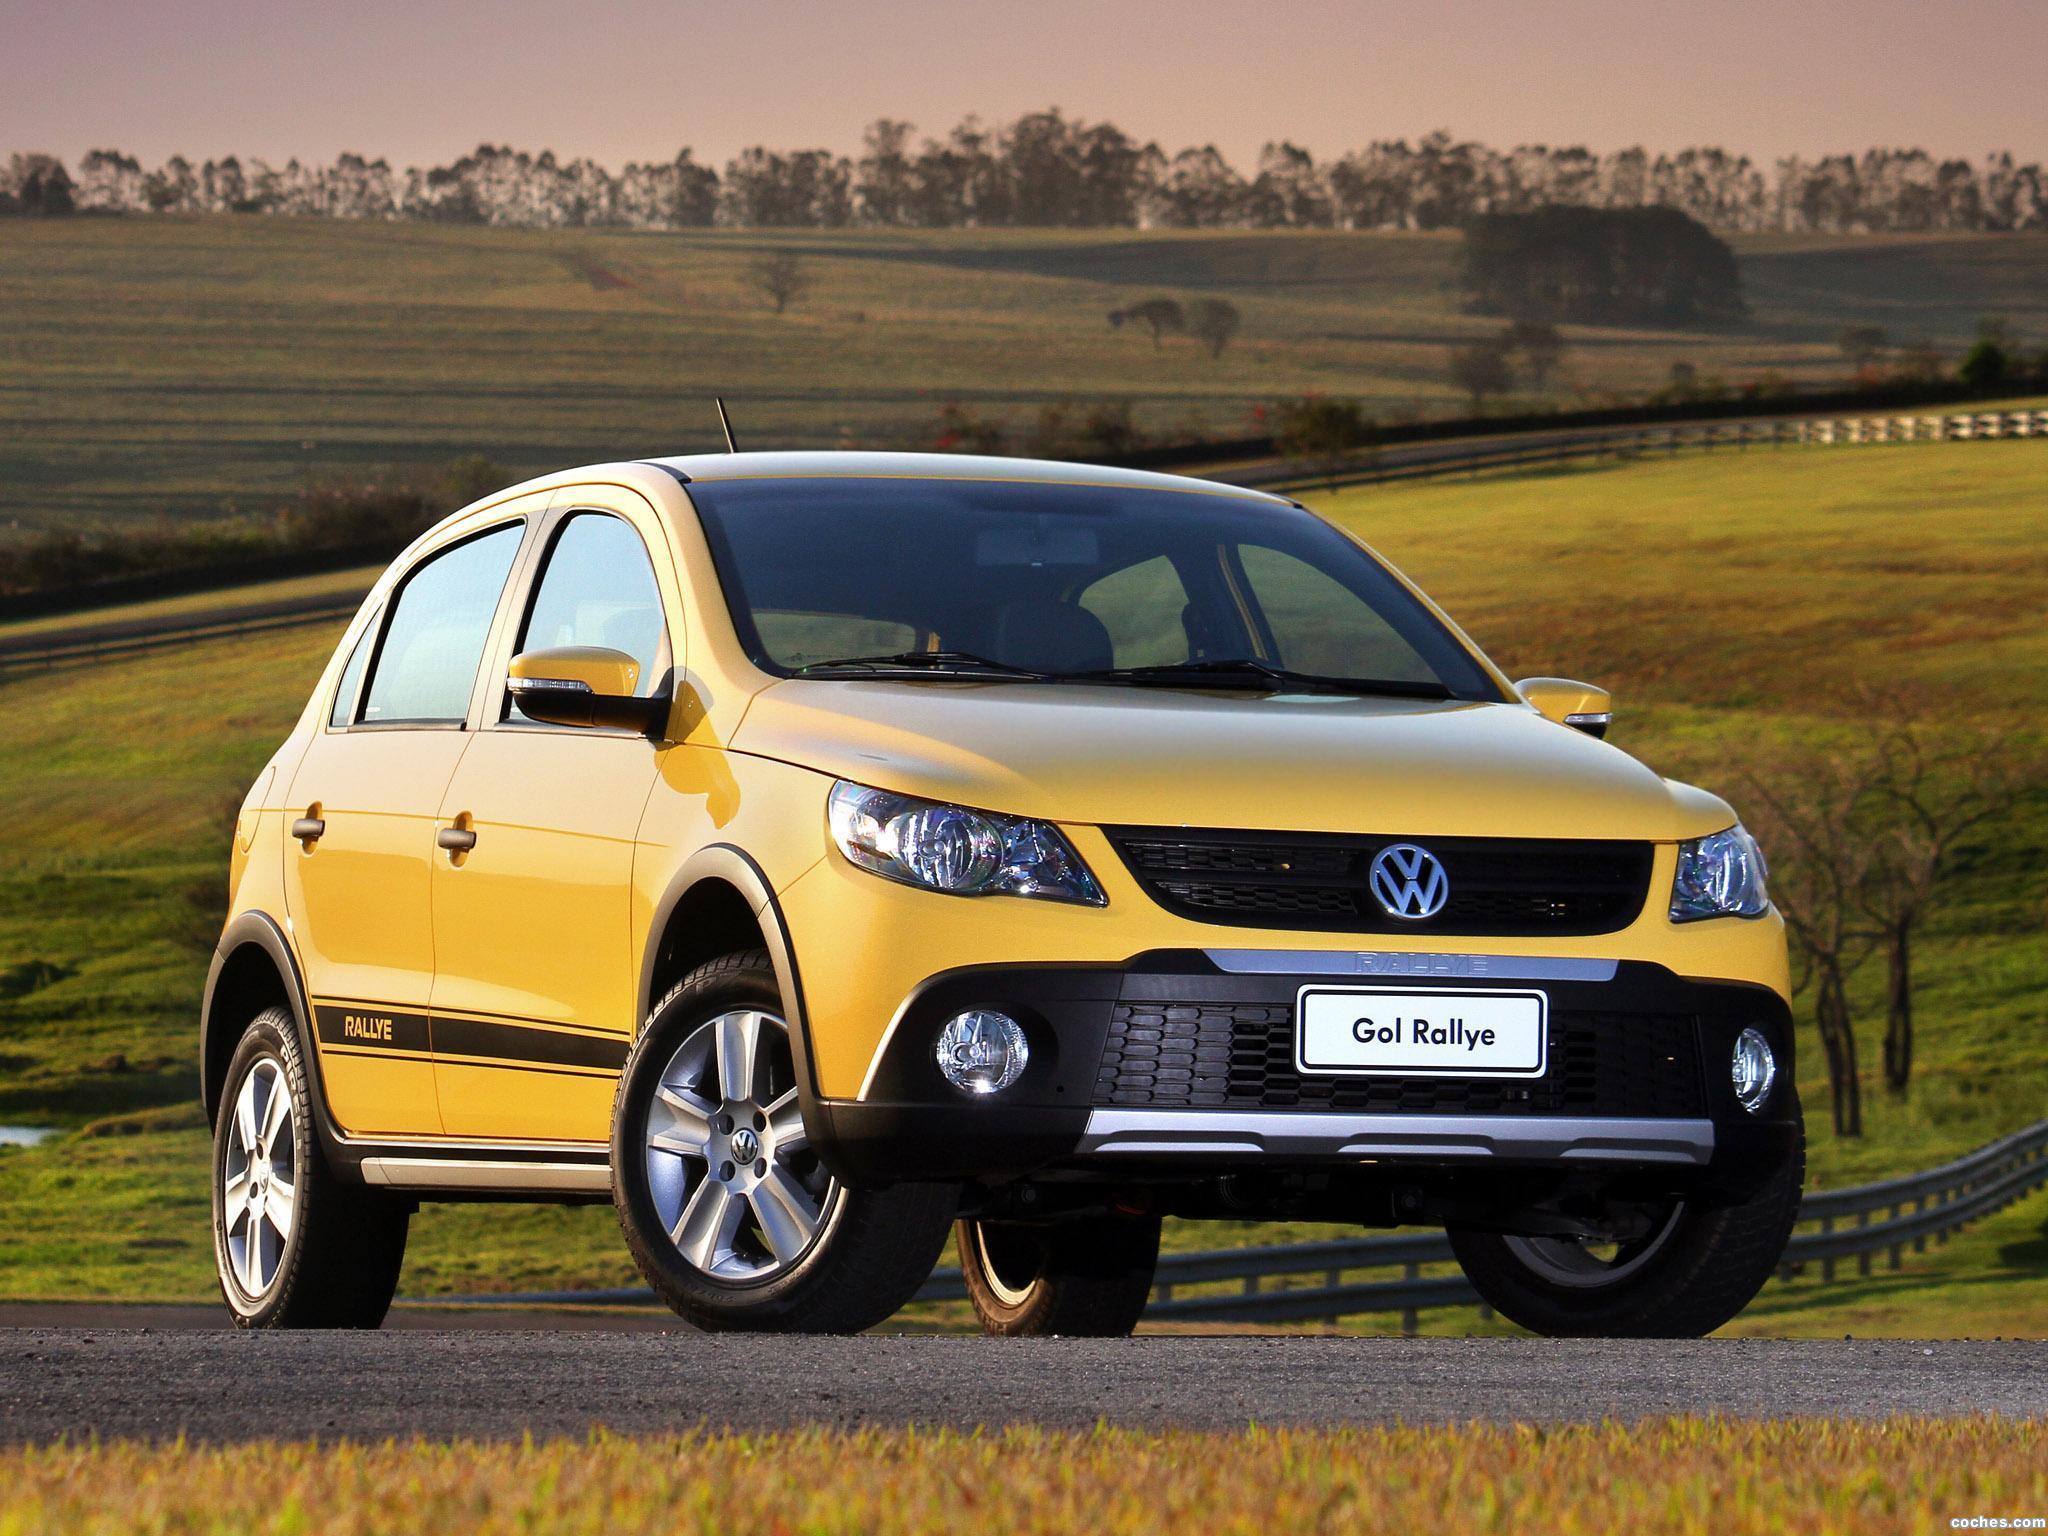 Foto 0 de Volkswagen Gol Rallye 2010-2012